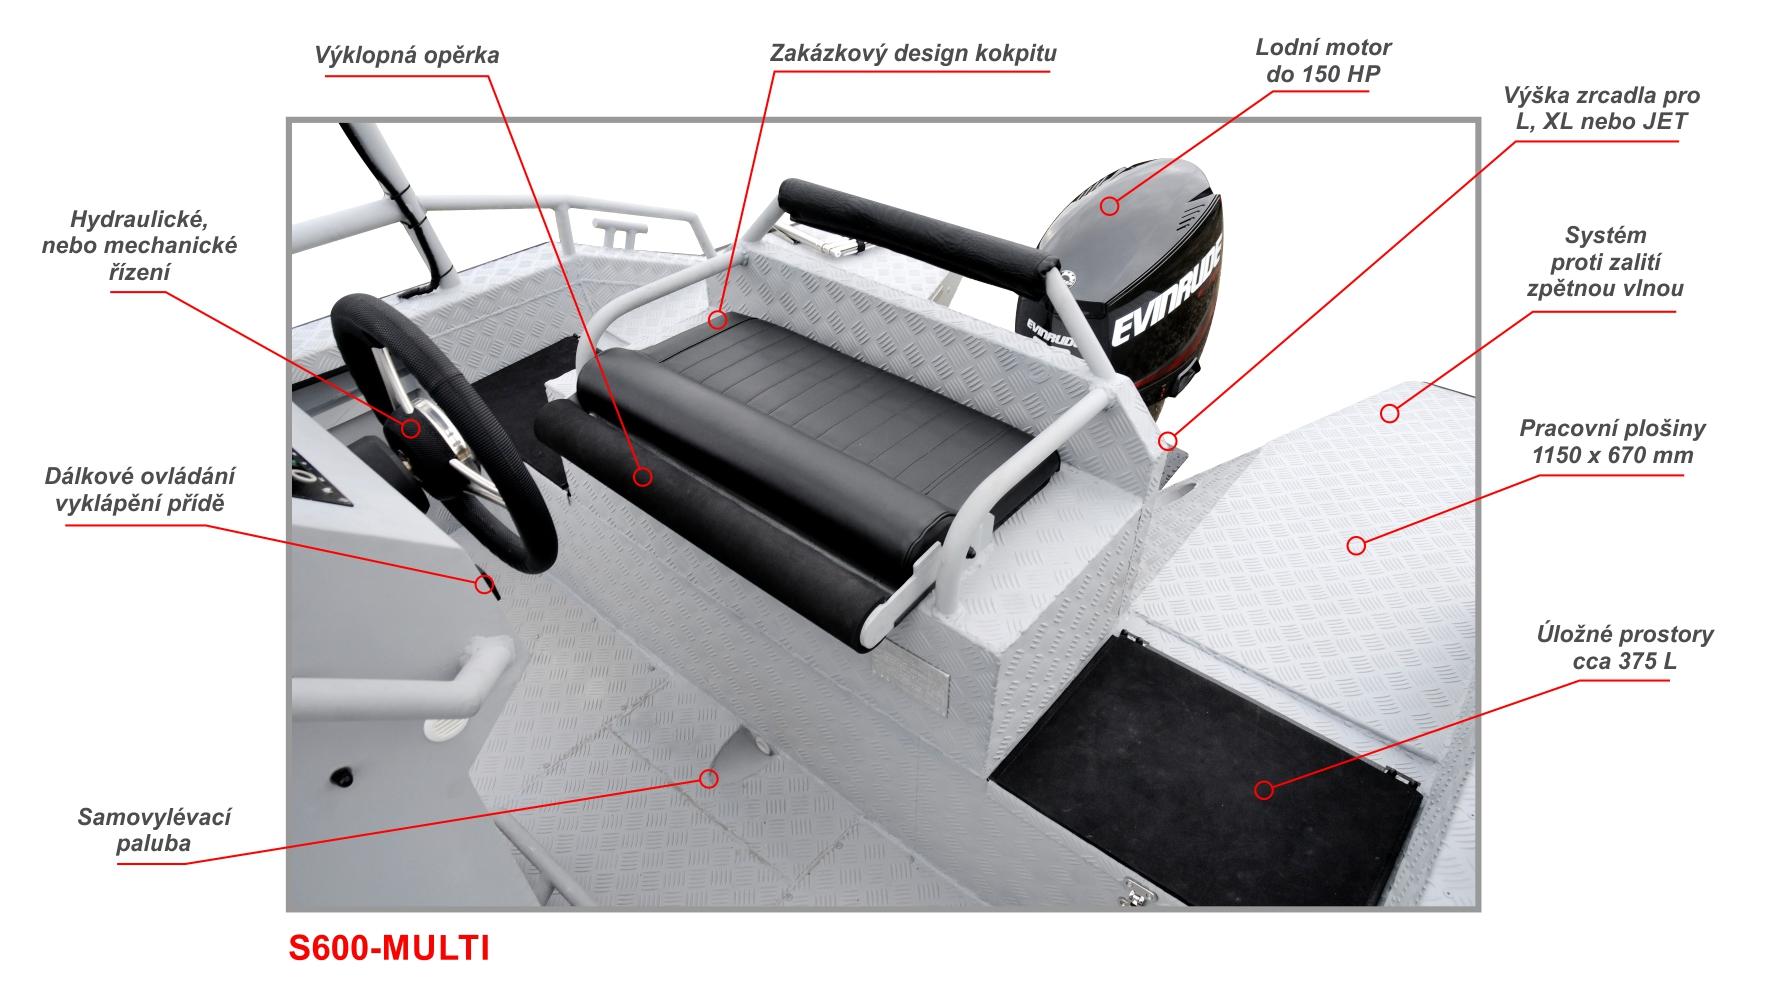 Kokpit člunu S600-MULTI je vždy individuálně navržen pro konkrétního zákazníka